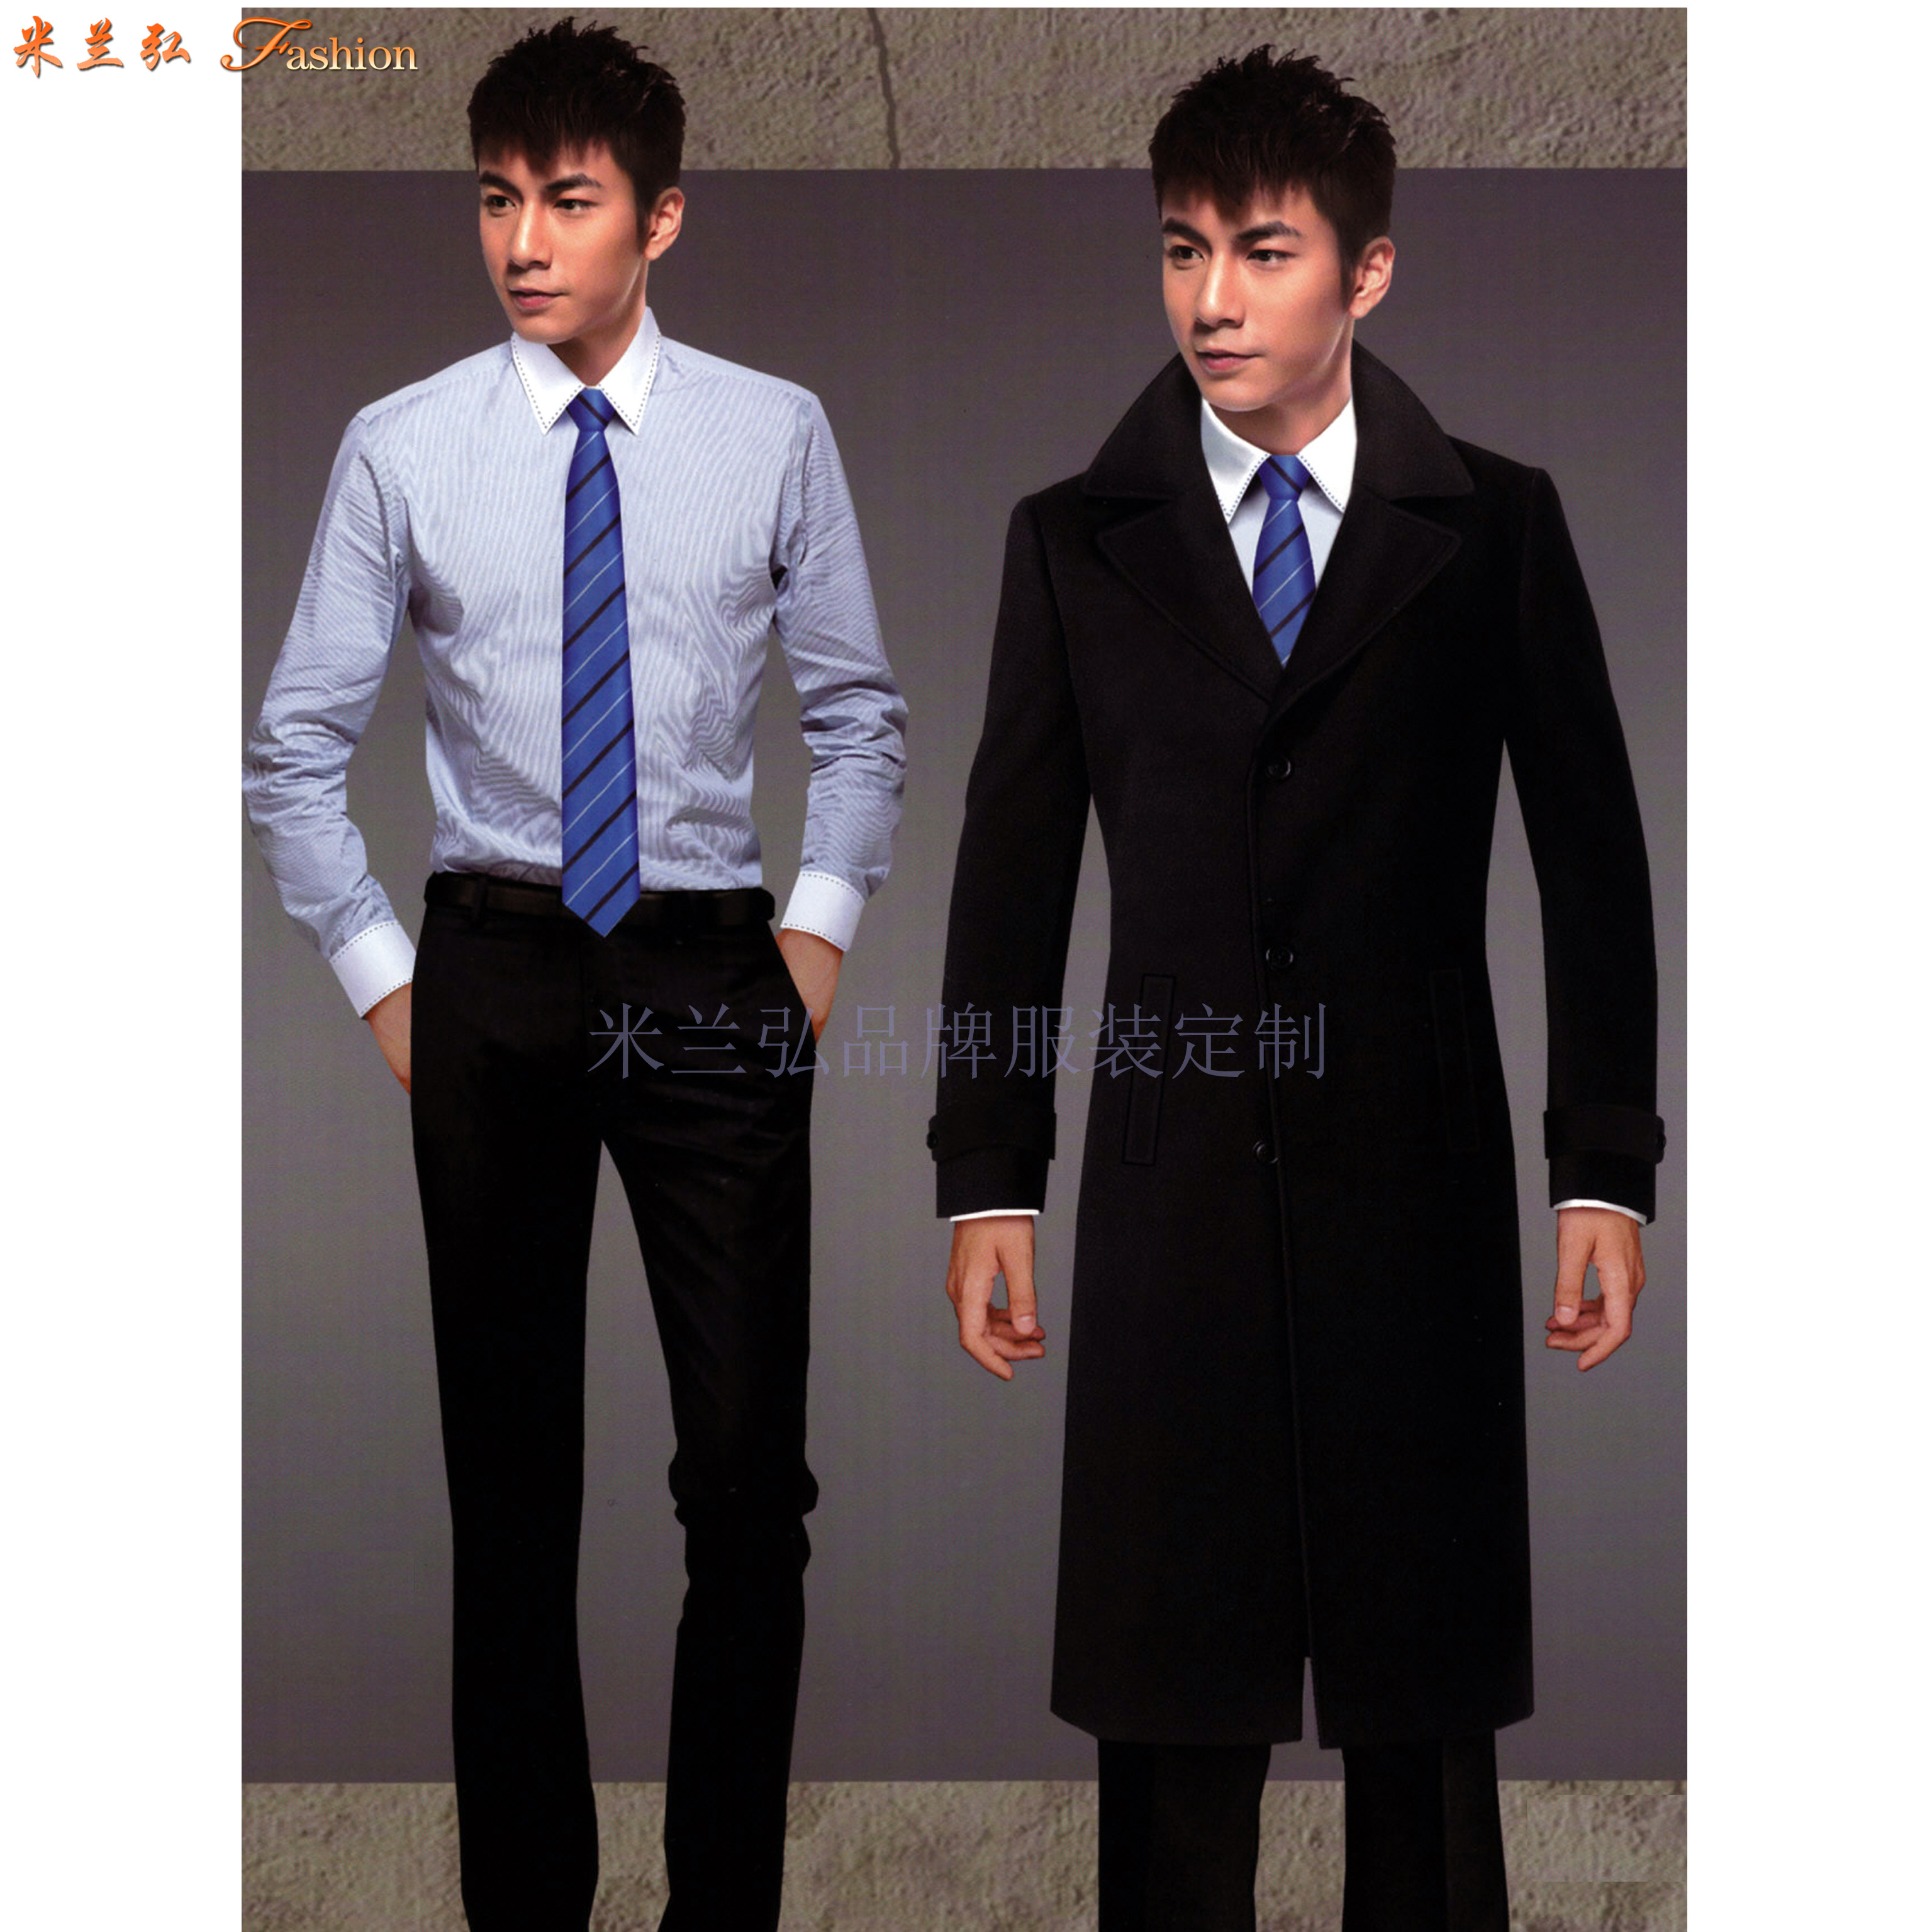 「河北大衣定制」「保定市大衣订做」推荐厚实暖和米兰弘服装-1